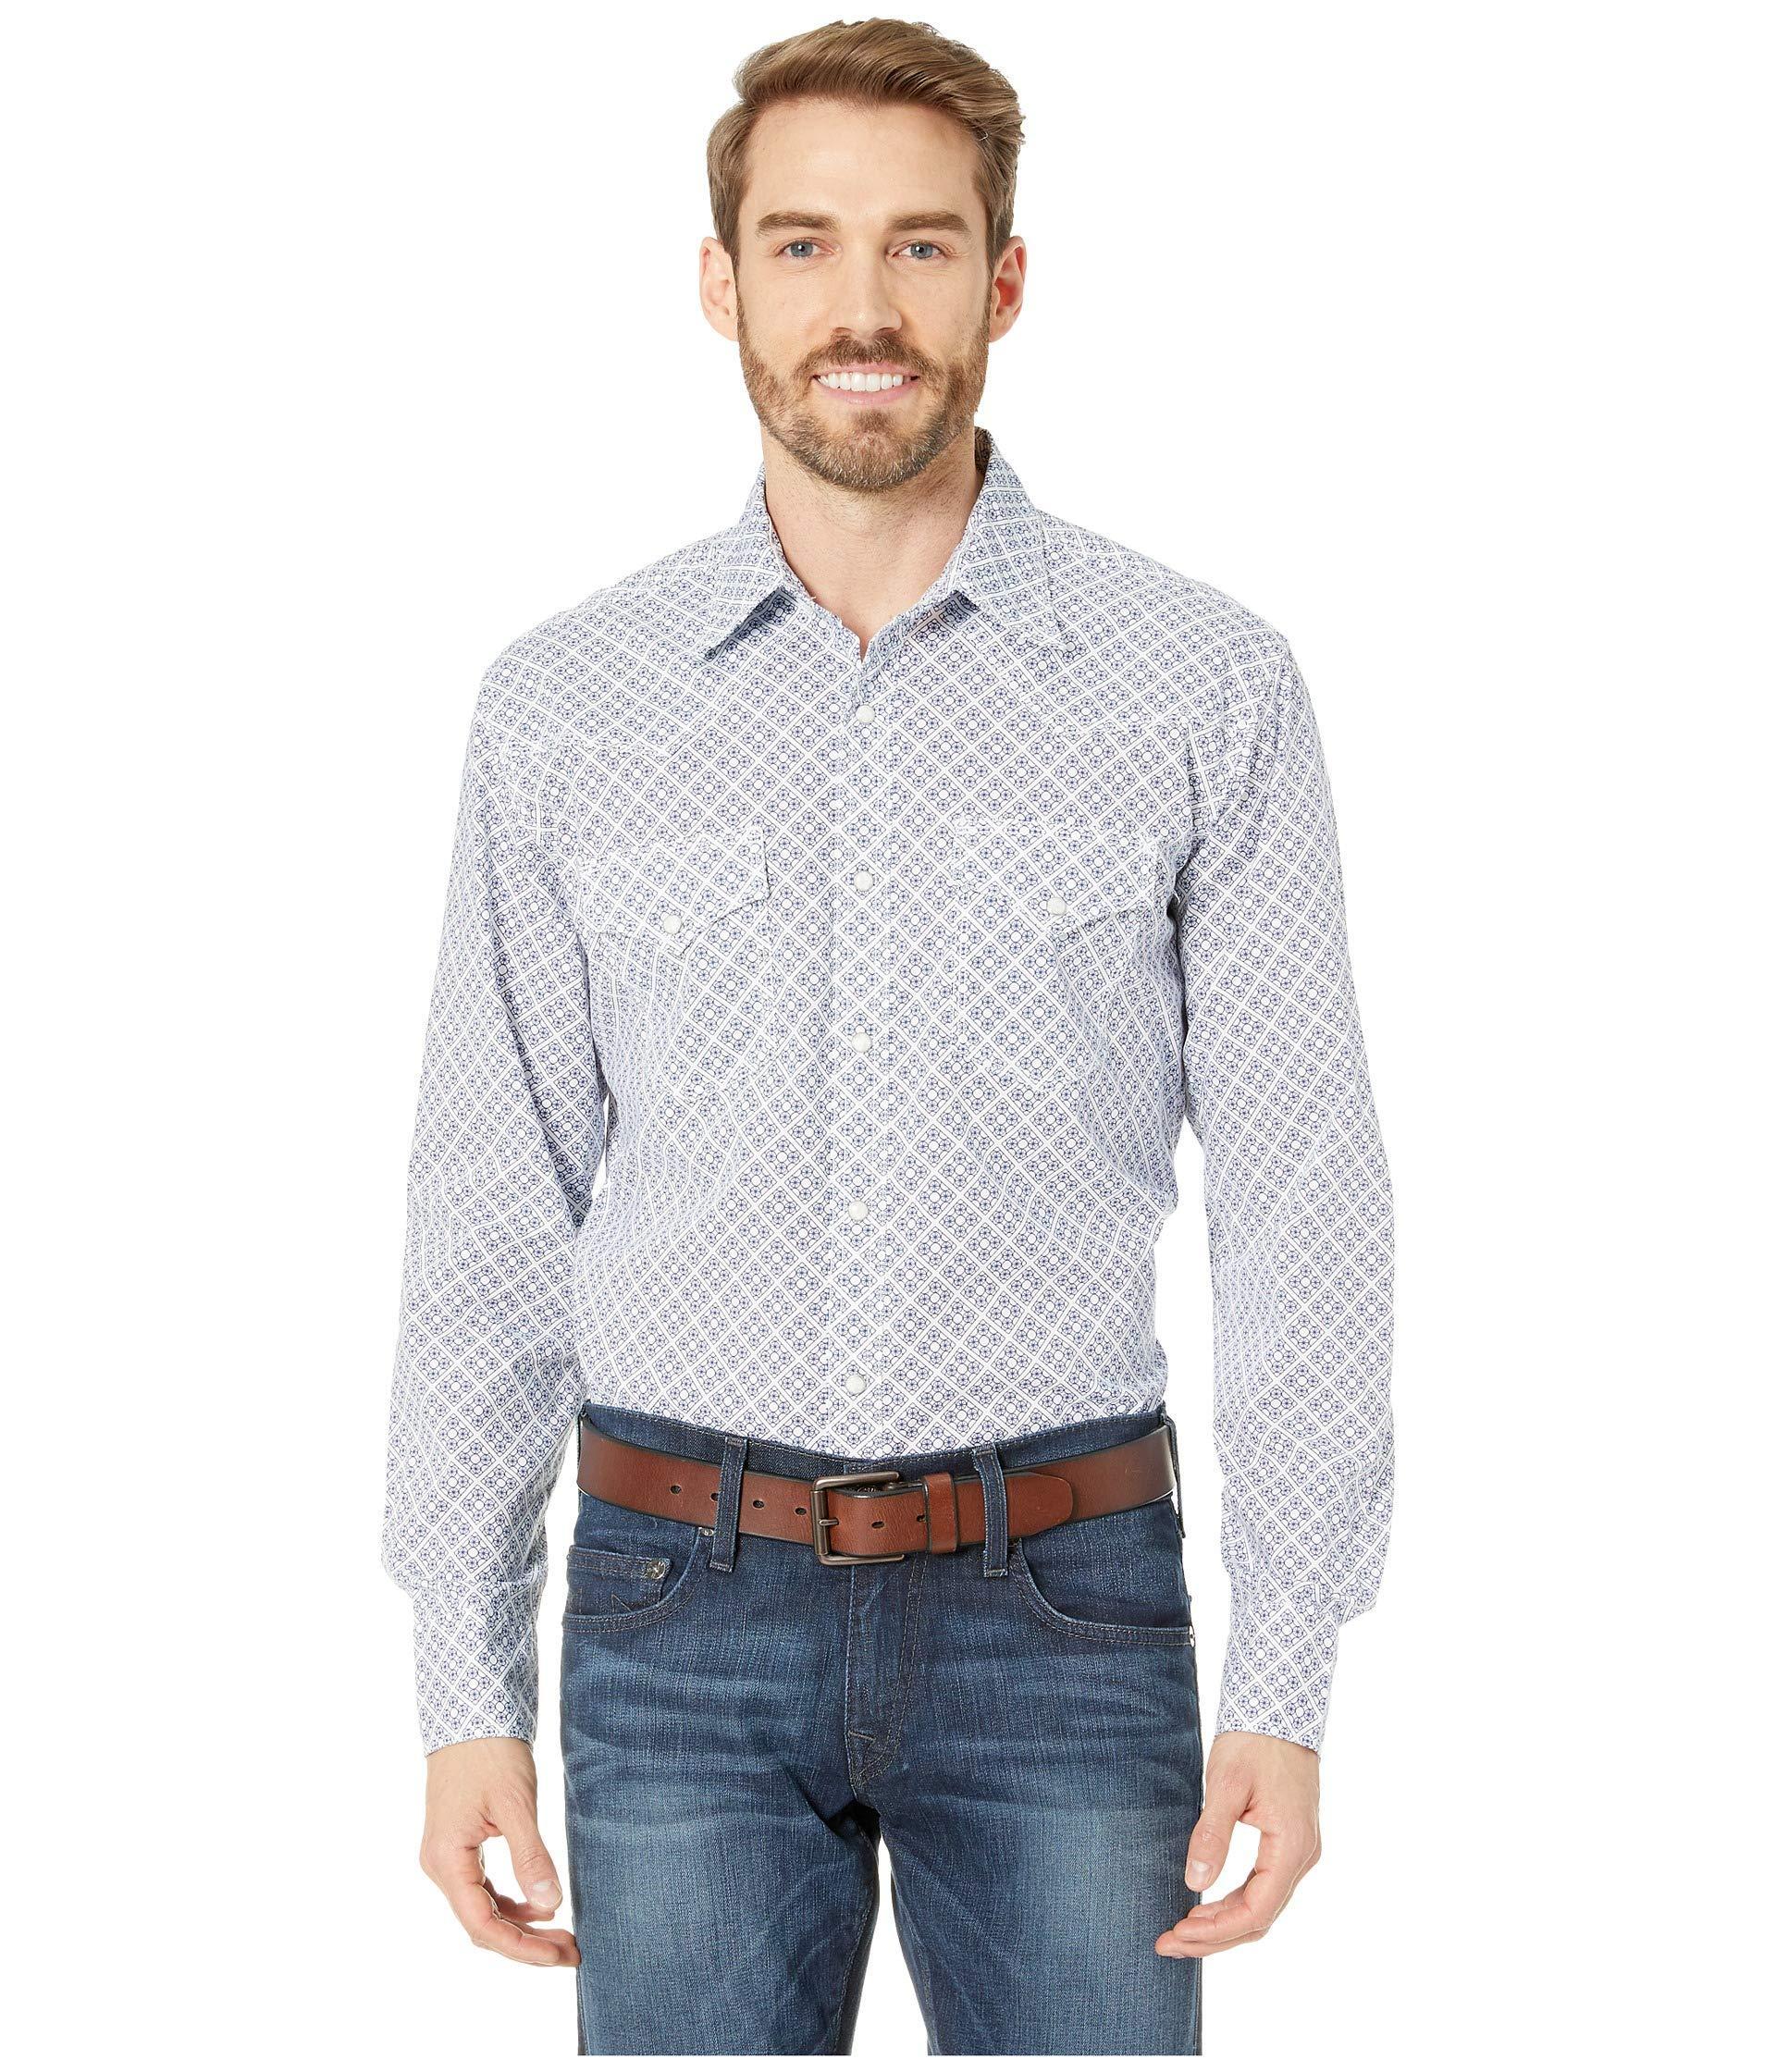 8ea92671b3 Lyst - Wrangler 20x Long Sleeve Snap Print (blue white) Men s ...